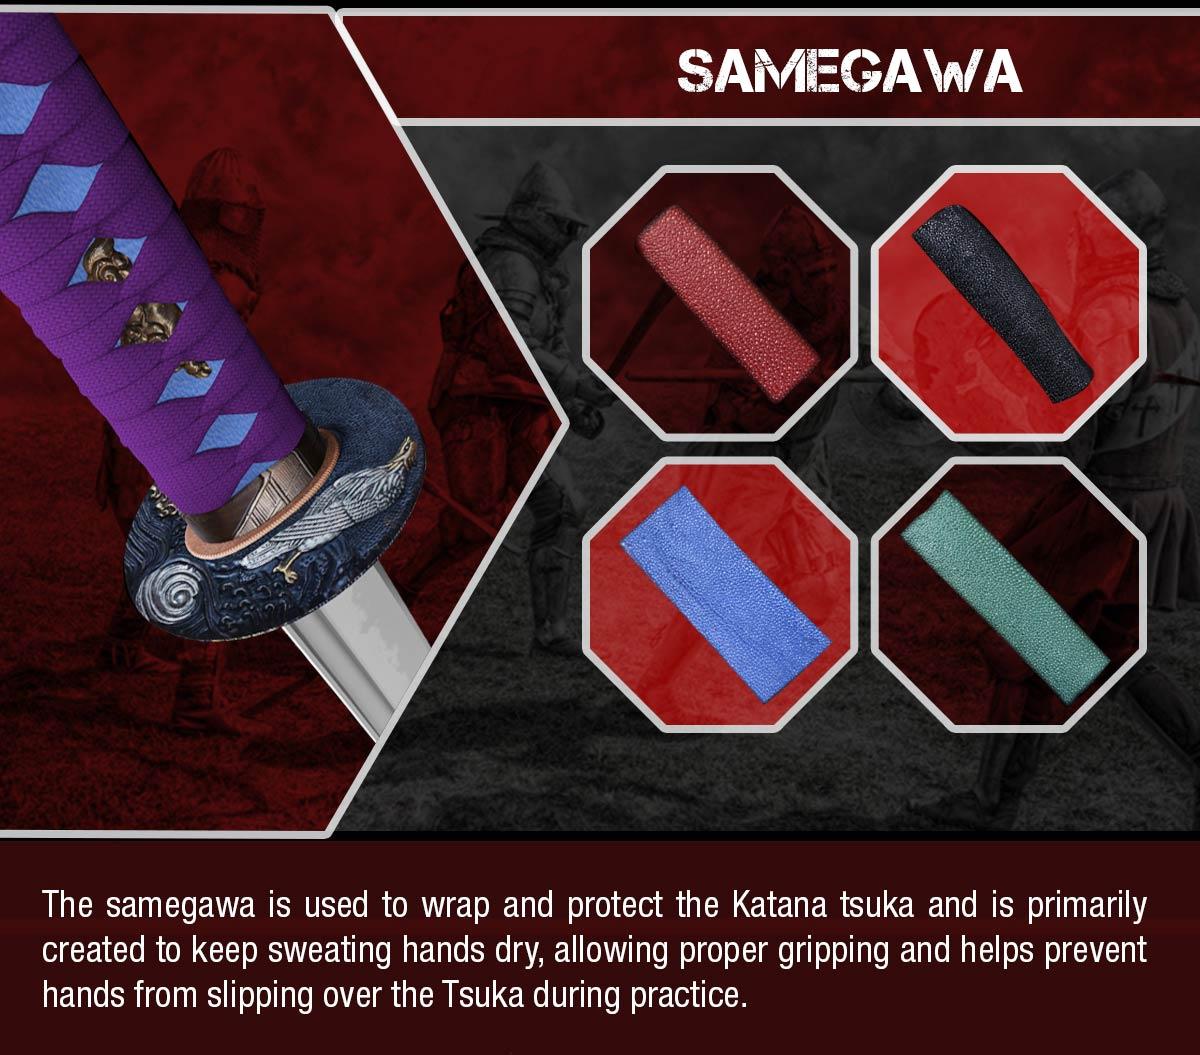 Samegawa